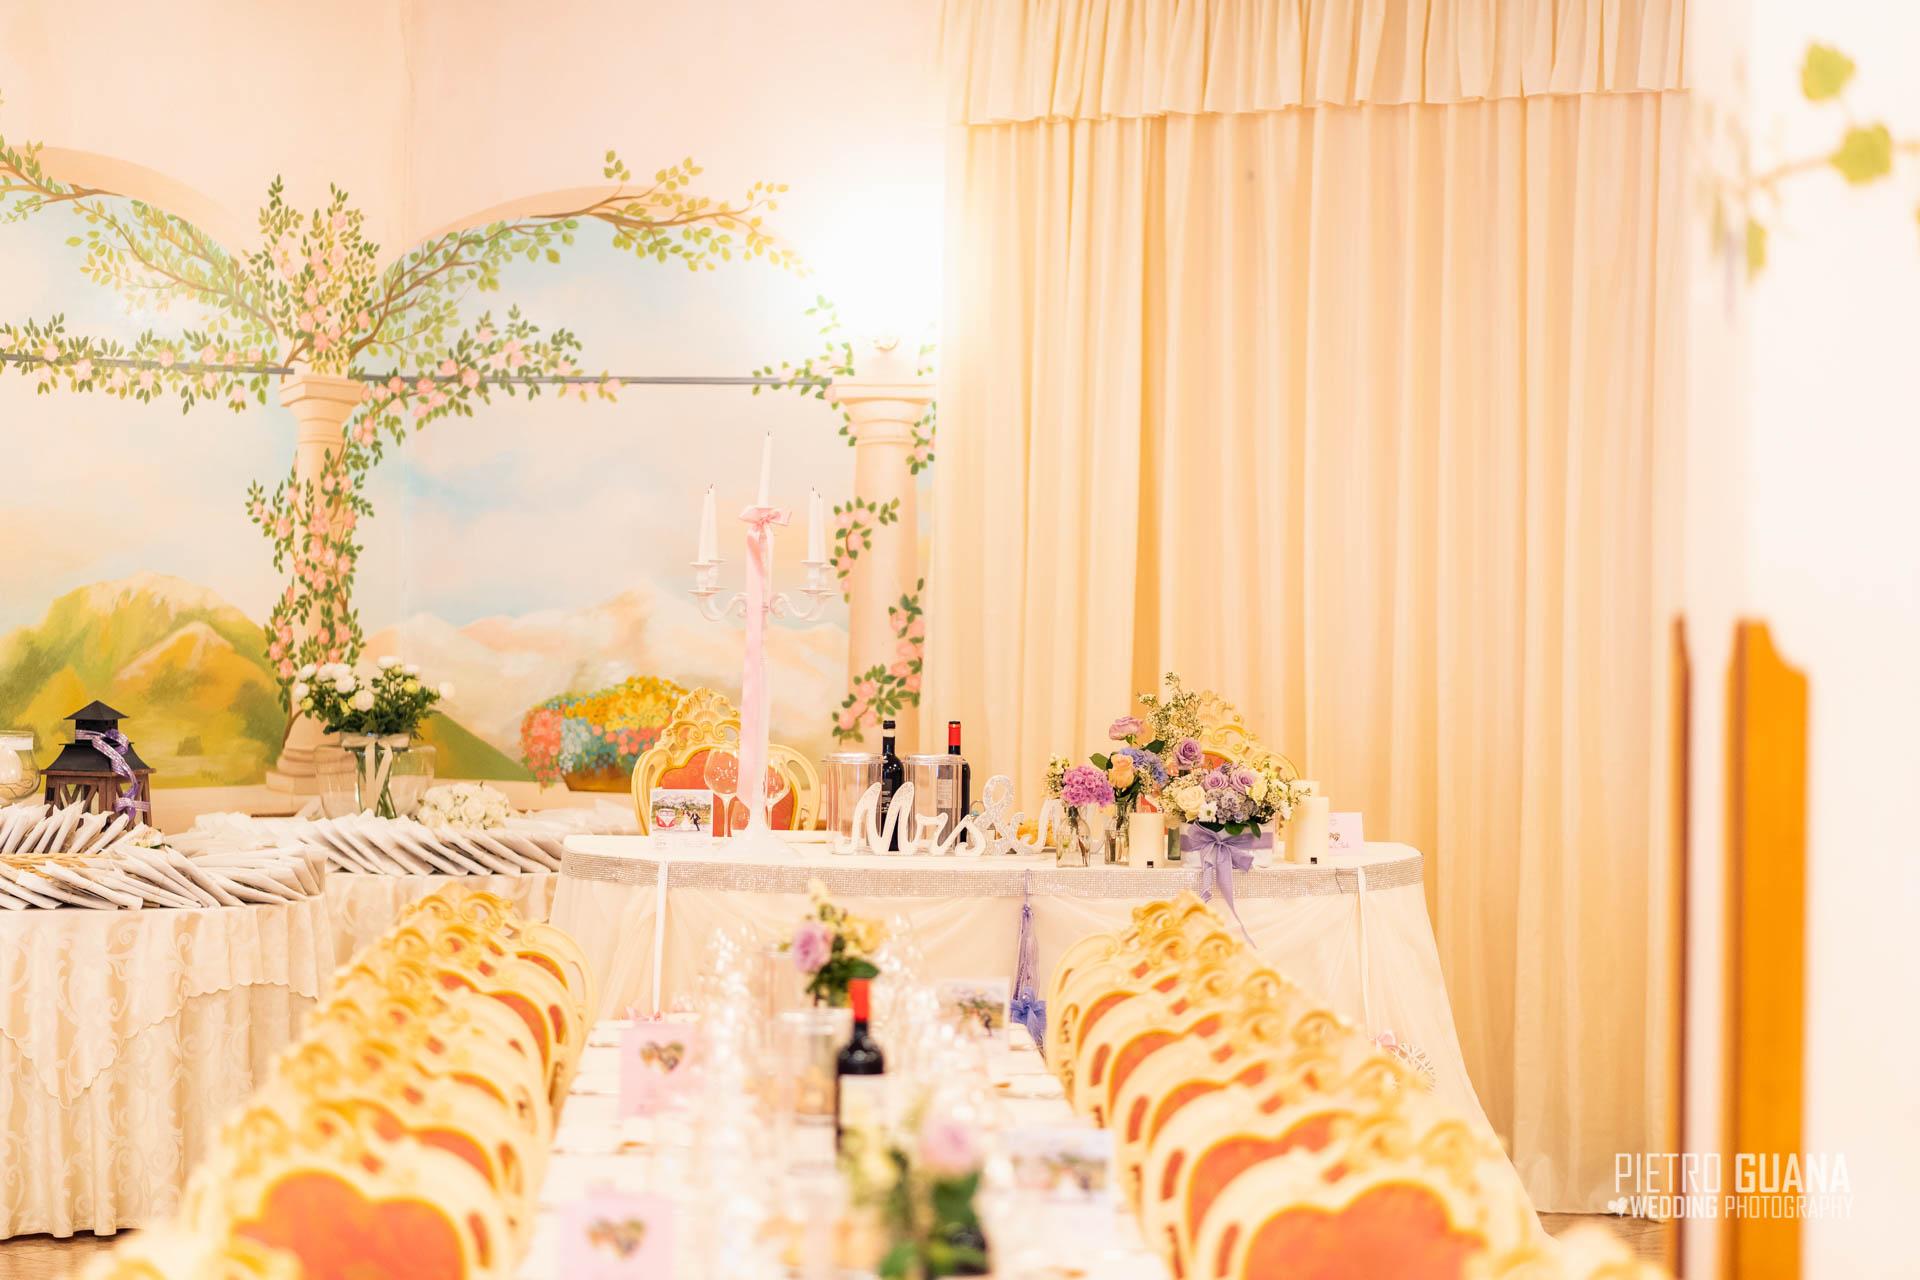 Sala Matrimonio Ristorante da Giorgio Ardesio Chiara e Claudio Pietro Guana Fotografo